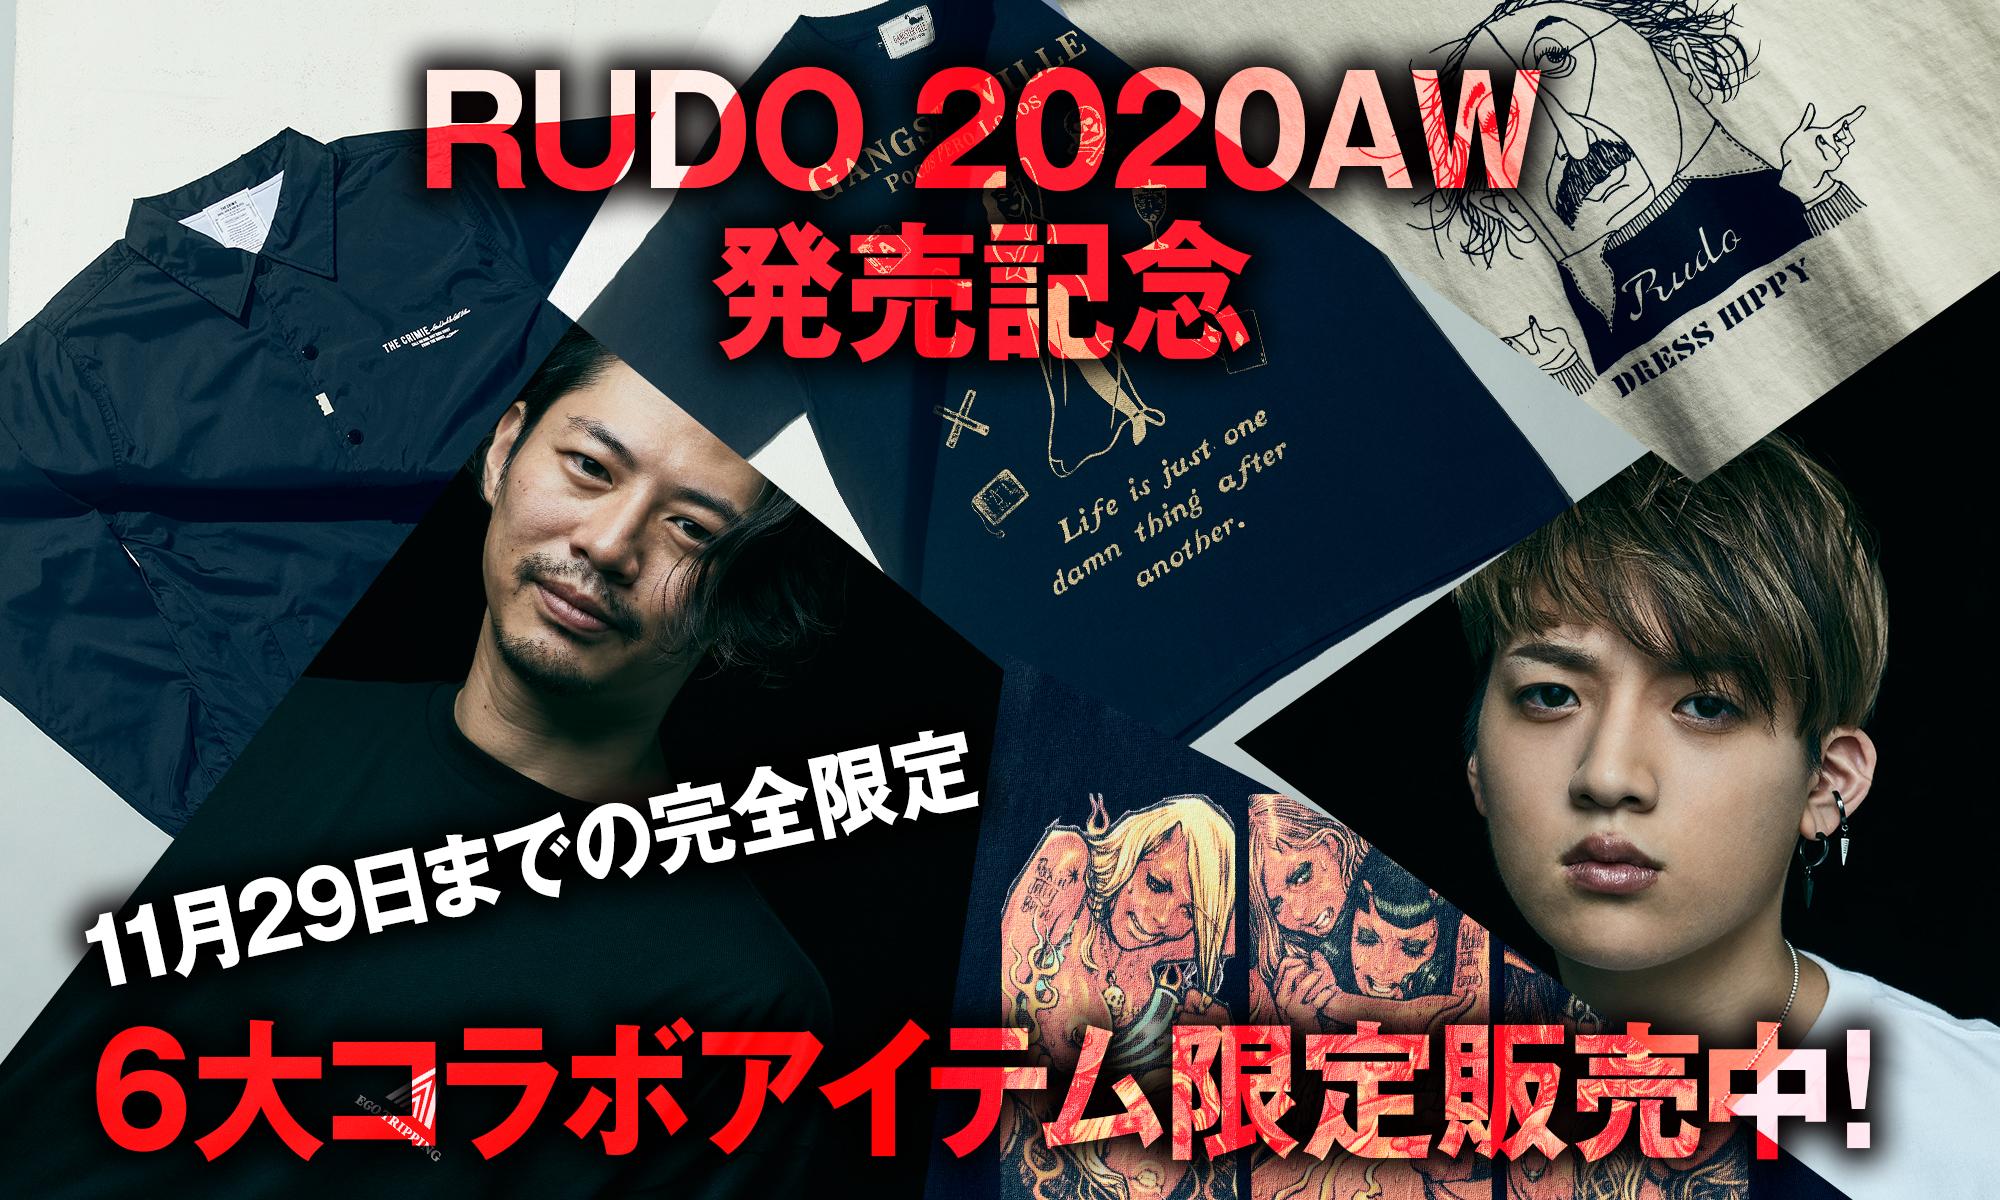 【受付終了】RUDO 2020AW発売記念 コラボアイテム販売中【受付終了】